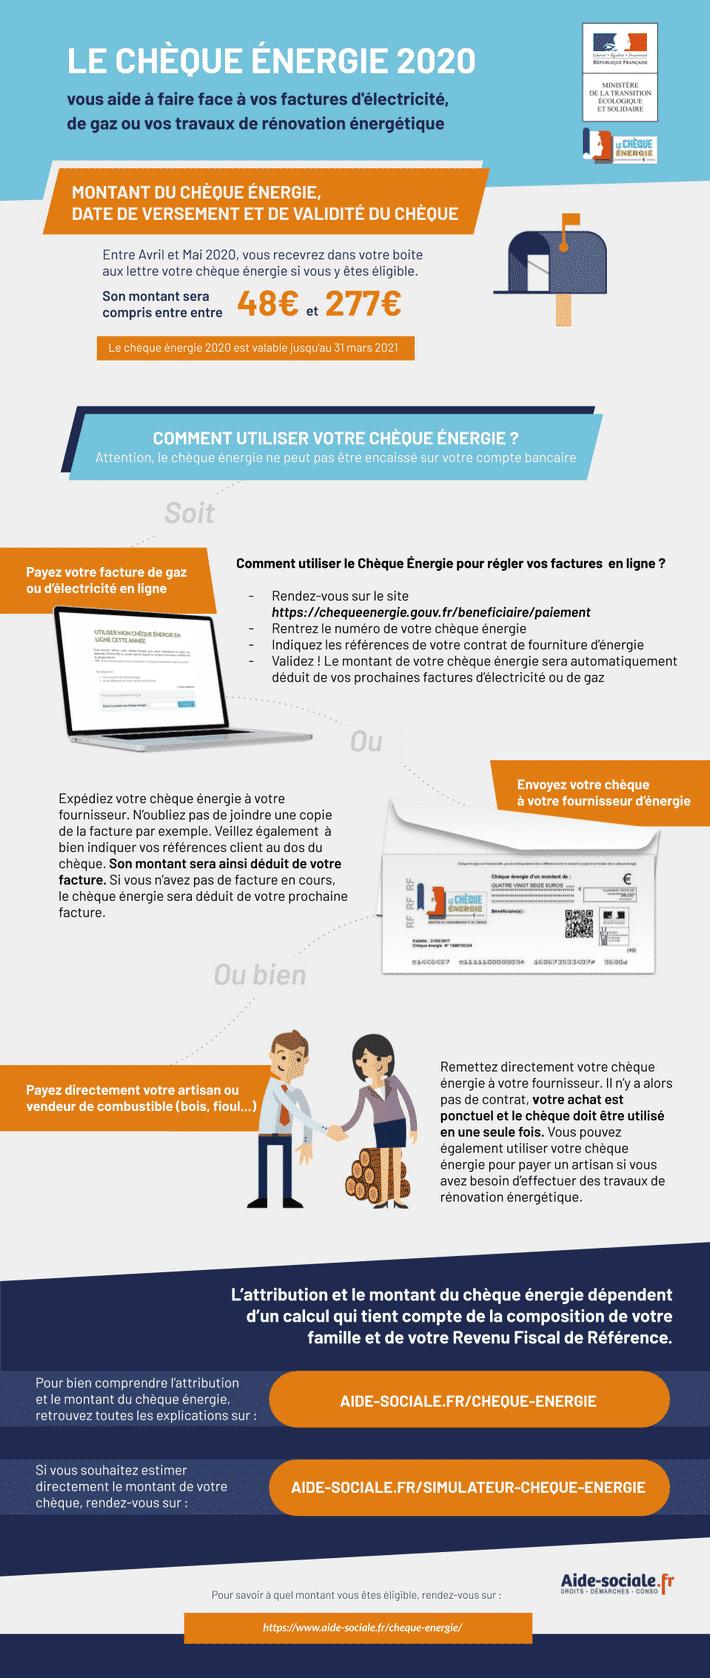 infographie : comment utiliser le chèque énergie